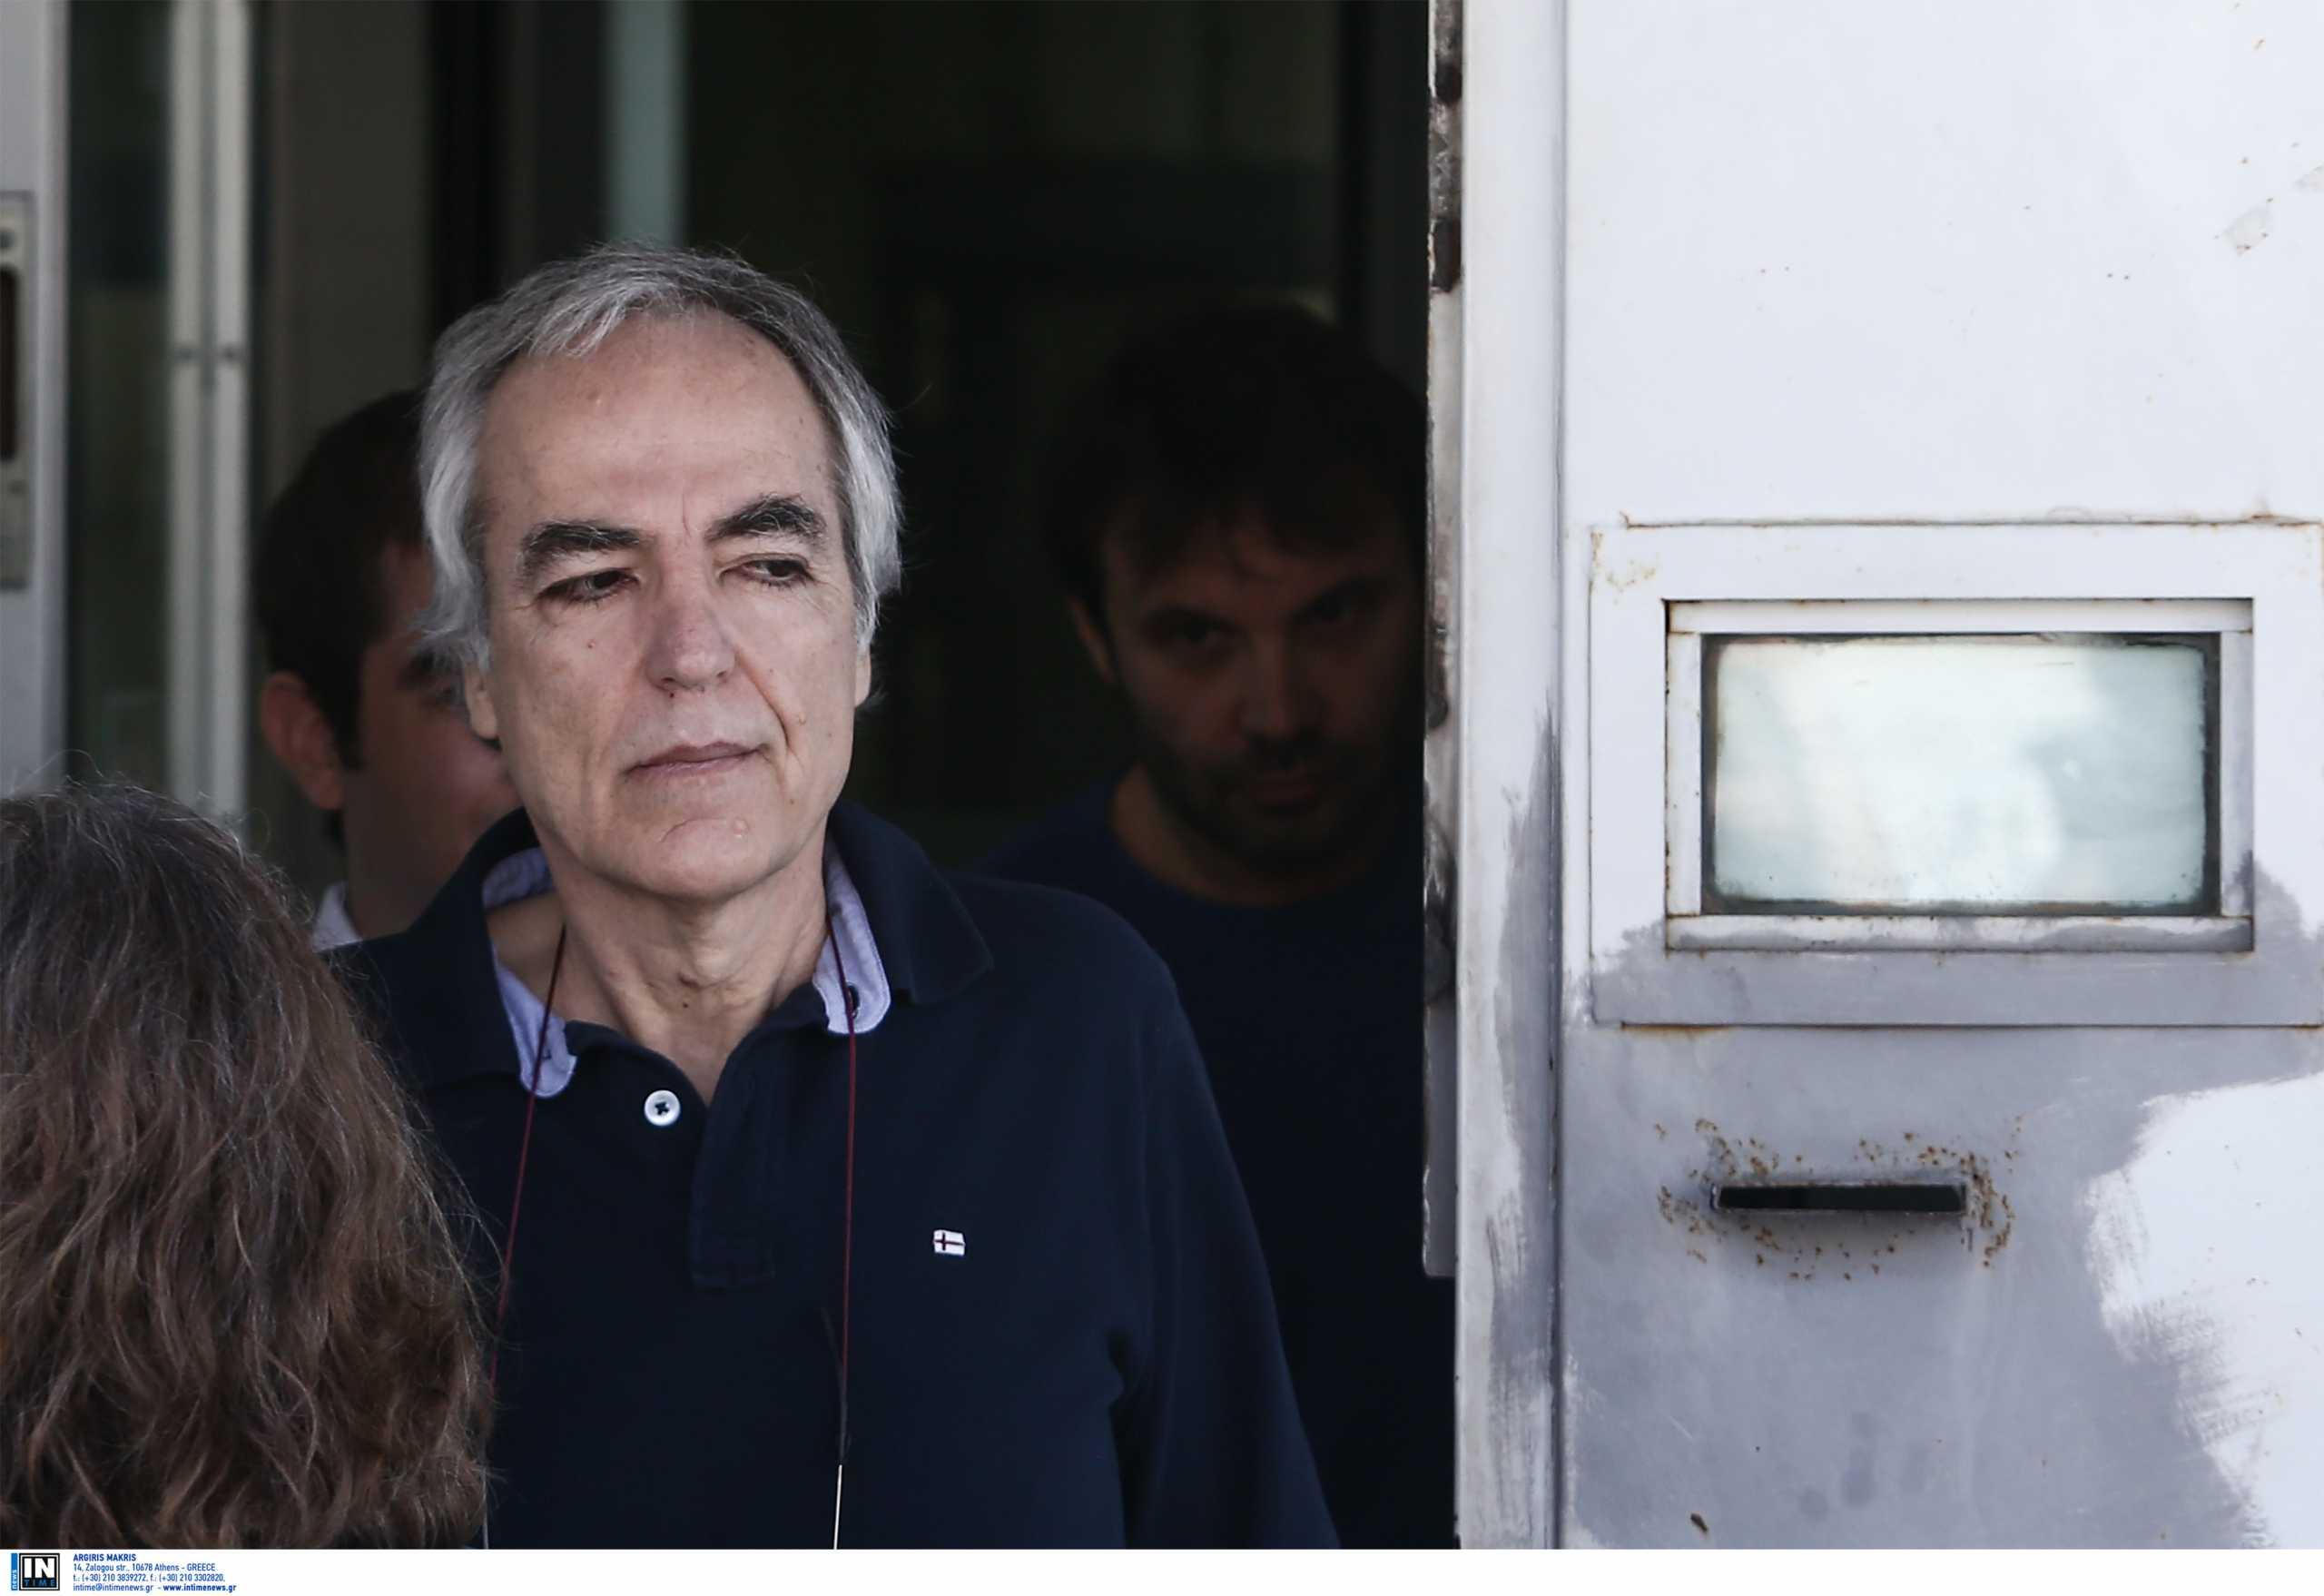 Δημήτρης Κουφοντίνας: Ανθρωπισμό και τήρηση των νόμων ζητούν οι δικαστές